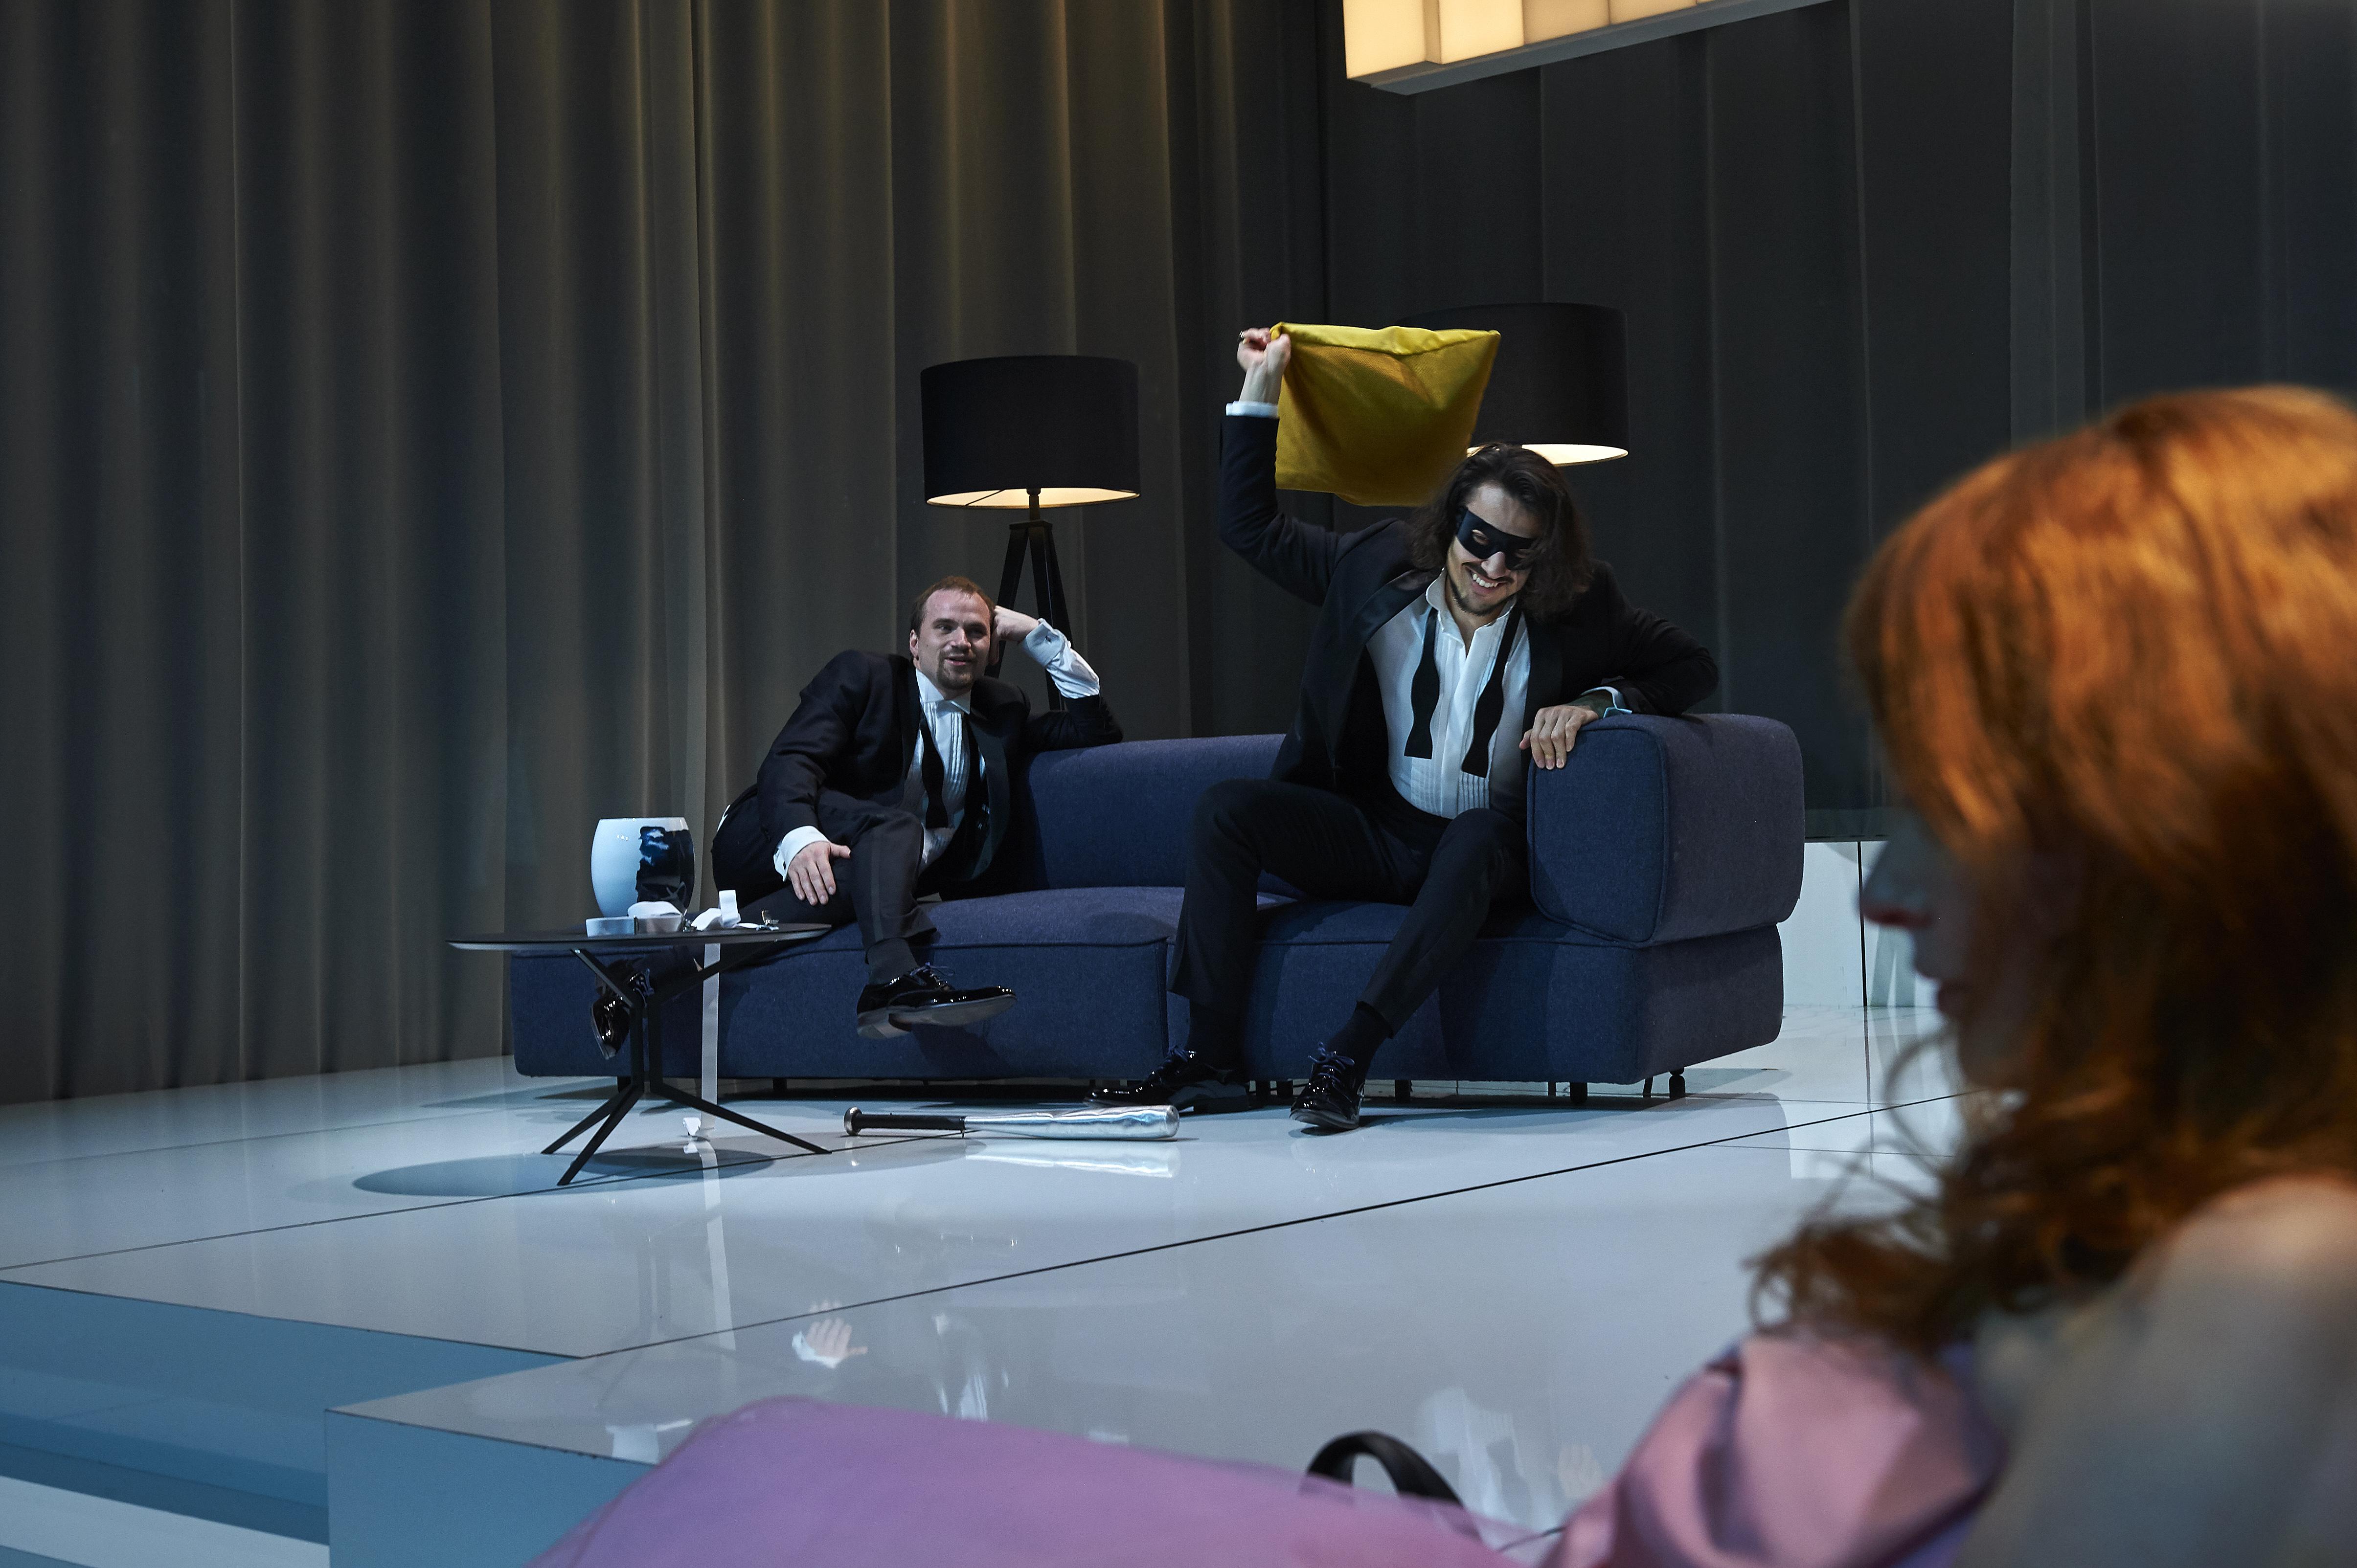 Udødelig klassiker i moderne format: Aalborg Teater opfører Et Dukkehjem